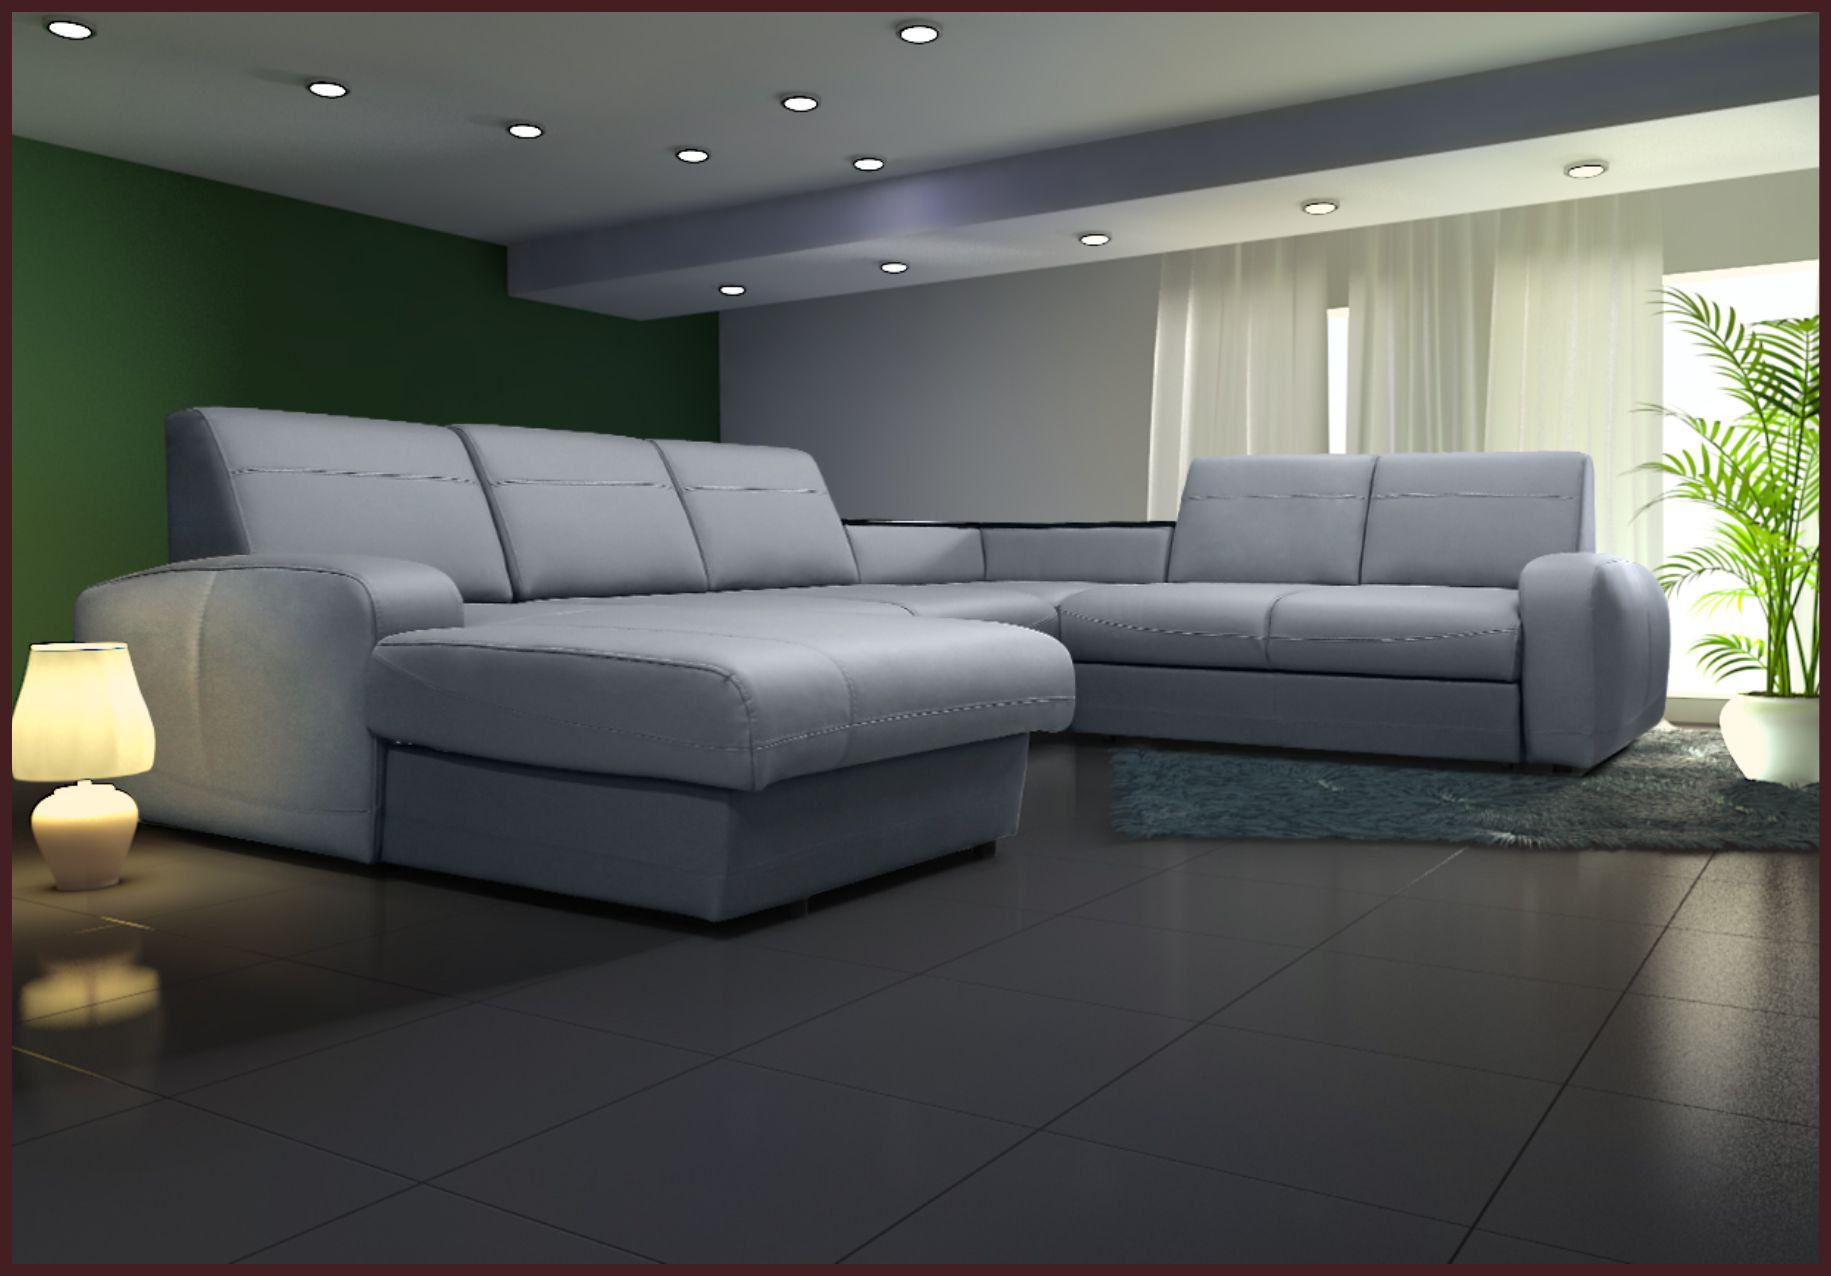 Купить диван от производителя недорого в  Москве